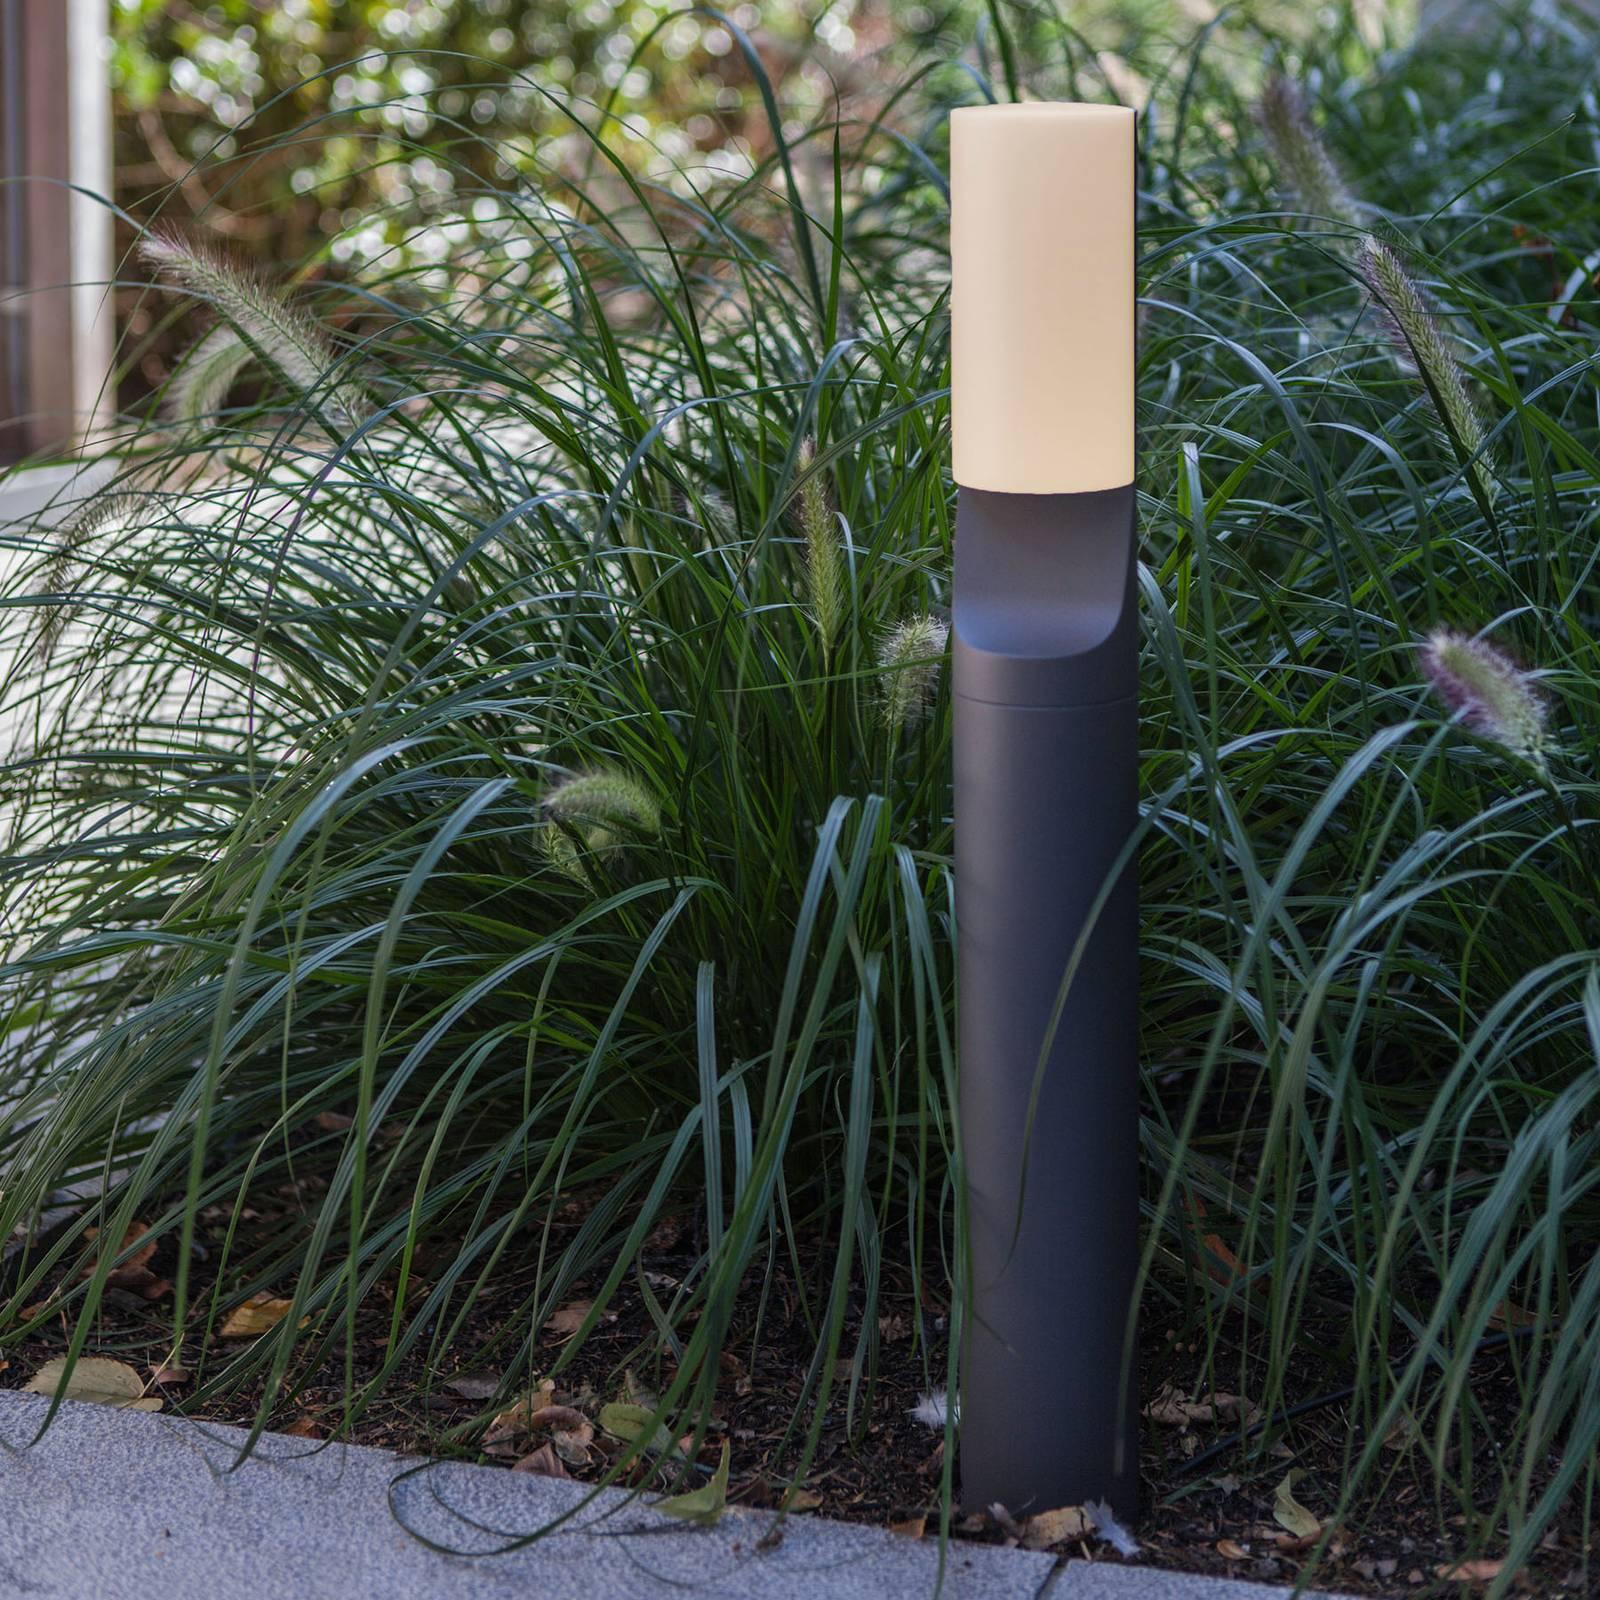 LED-pylväsvalaisin Bati, puolipyöreä diffuusori